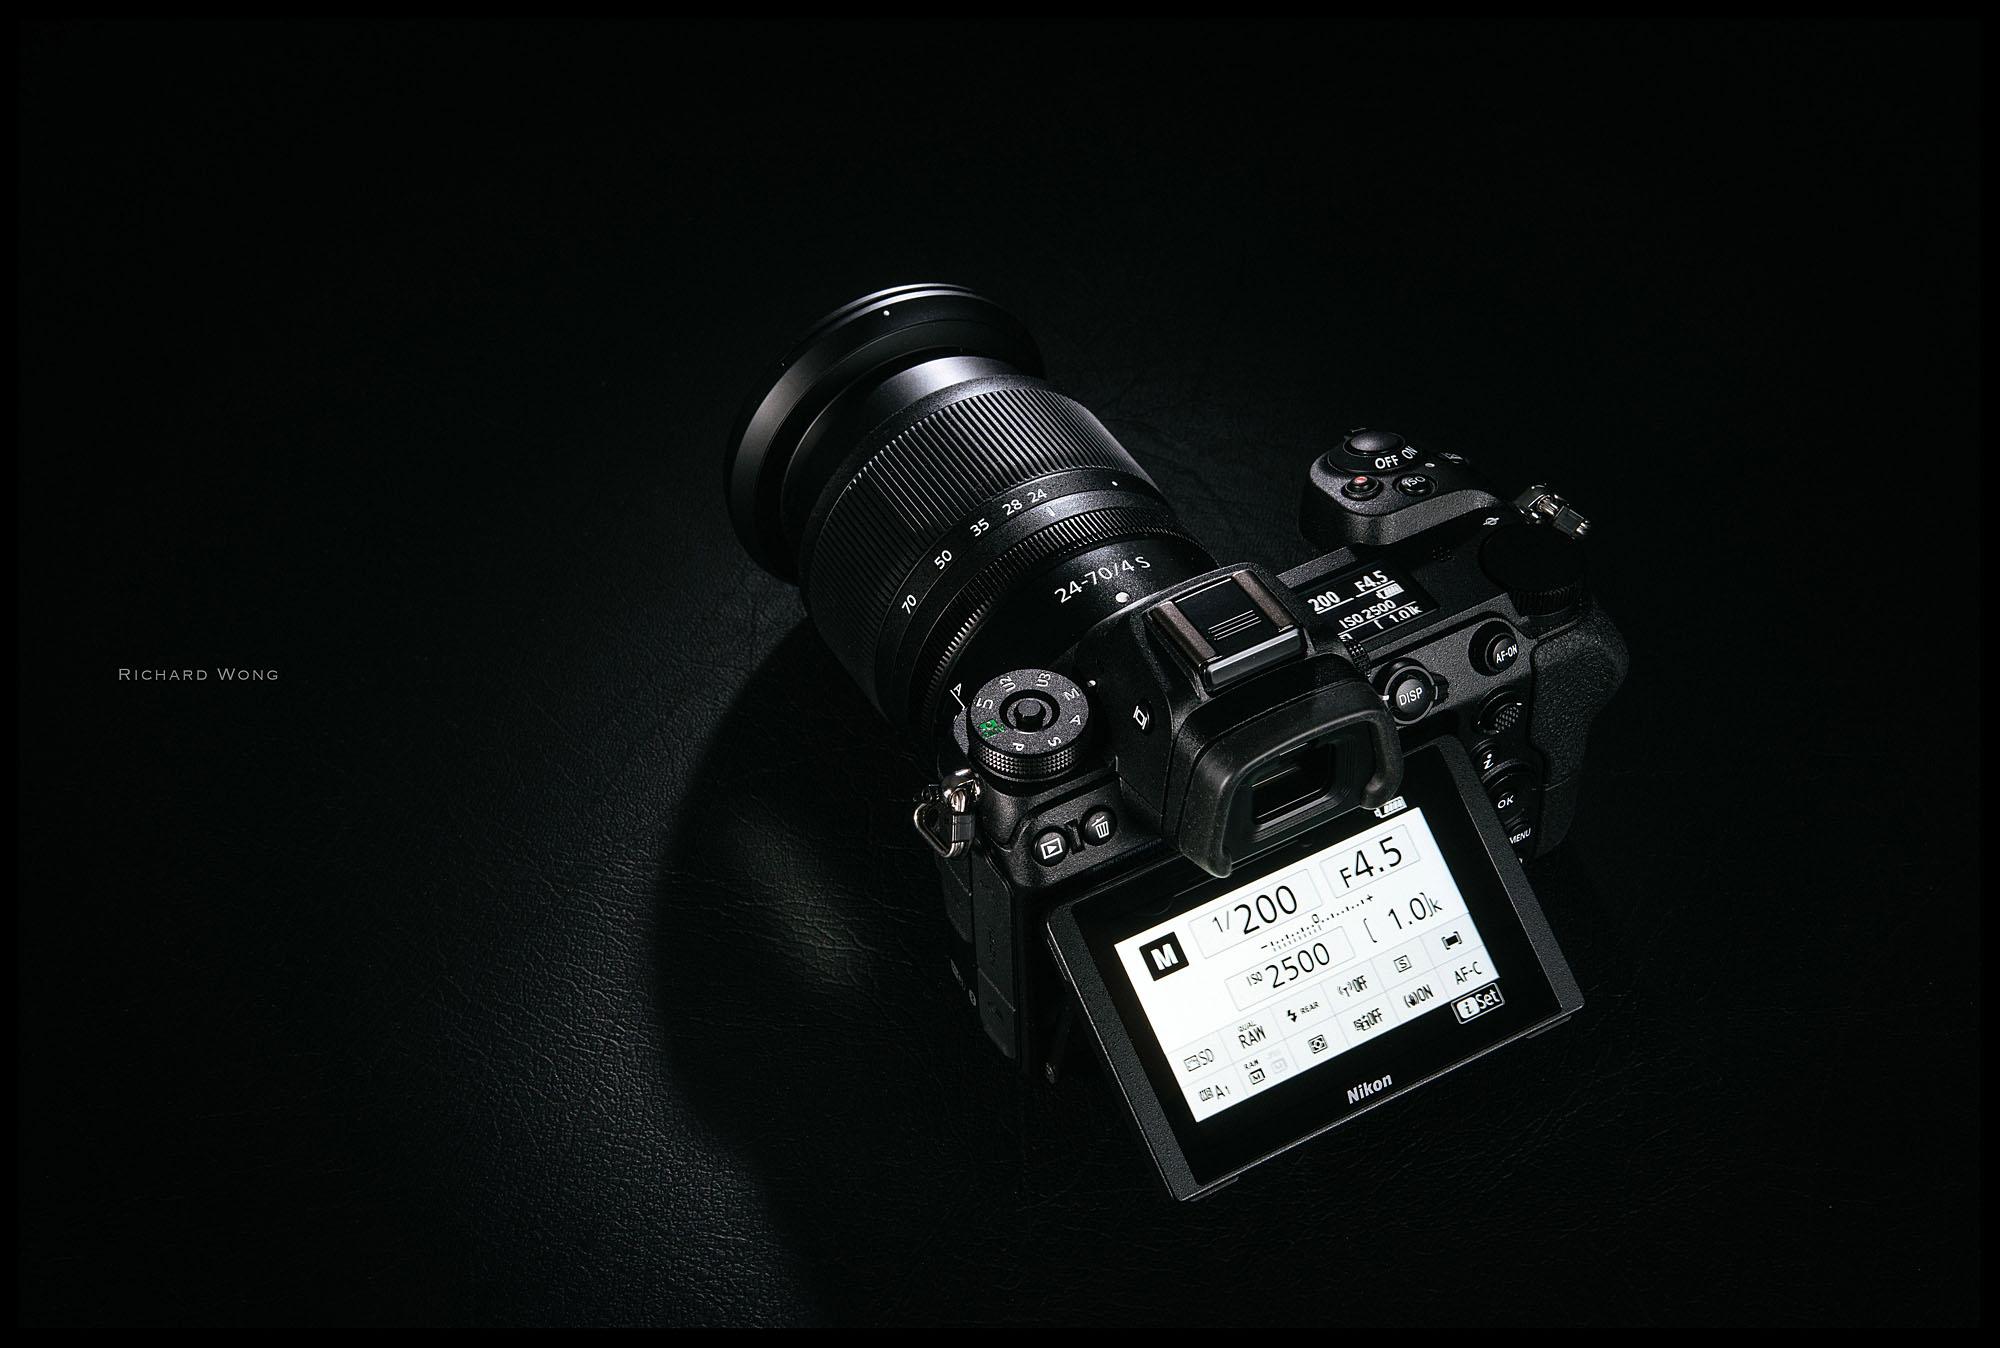 Nikon Z7 Review – Review By Richard